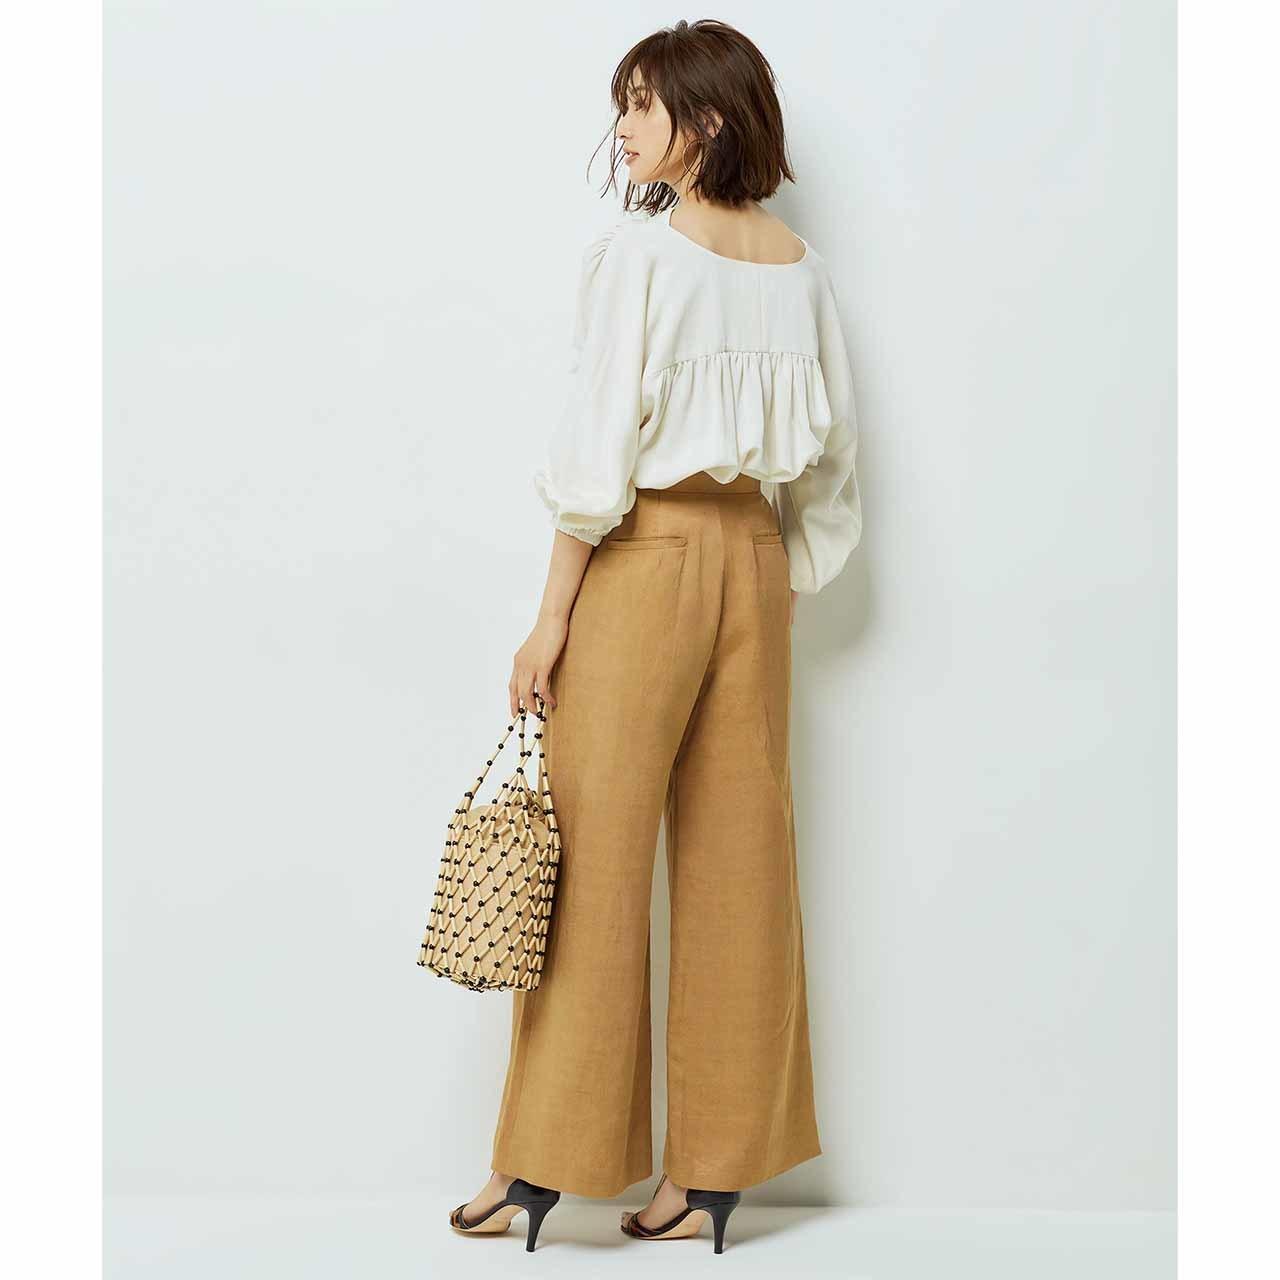 ブラウス×レリタージュのパンツコーデを着たモデルの高垣麗子さん